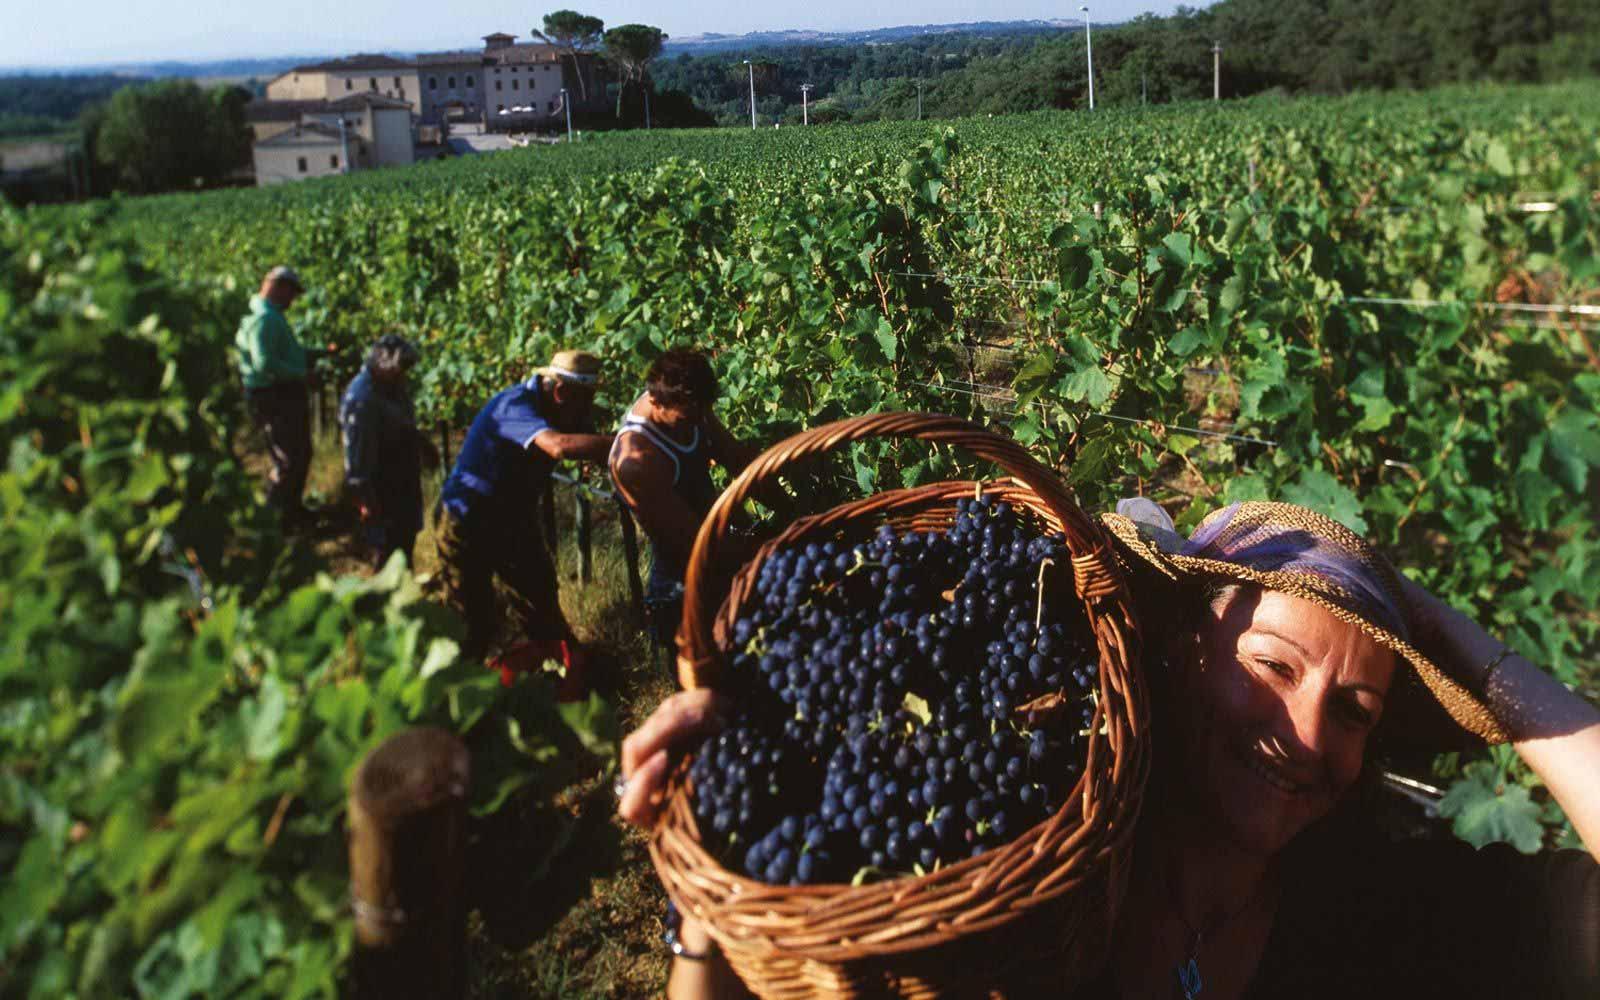 Vineyard at Castel Monastero Tuscan Resort & Spa